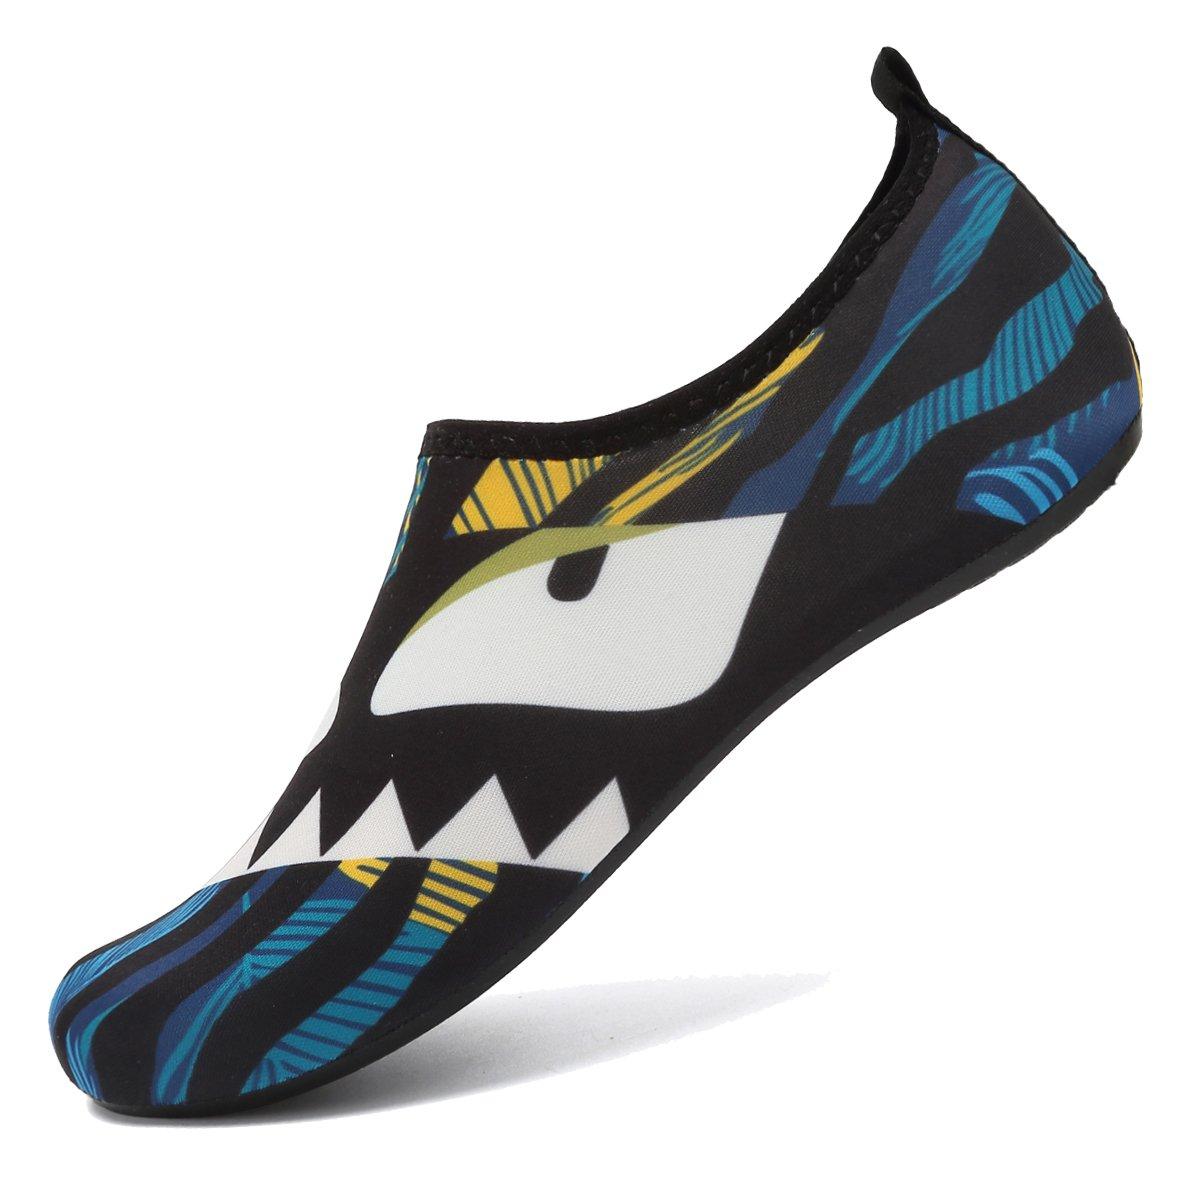 ブランド品専門の [ANLUKE] レディース B07GSS95WP B07GSS95WP Shark Black Men:12-13 Men:12-13 Men:12-13|Shark Shark Black, PILEDRIVER DIGITAL:f24ff5b3 --- ciadaterra.com